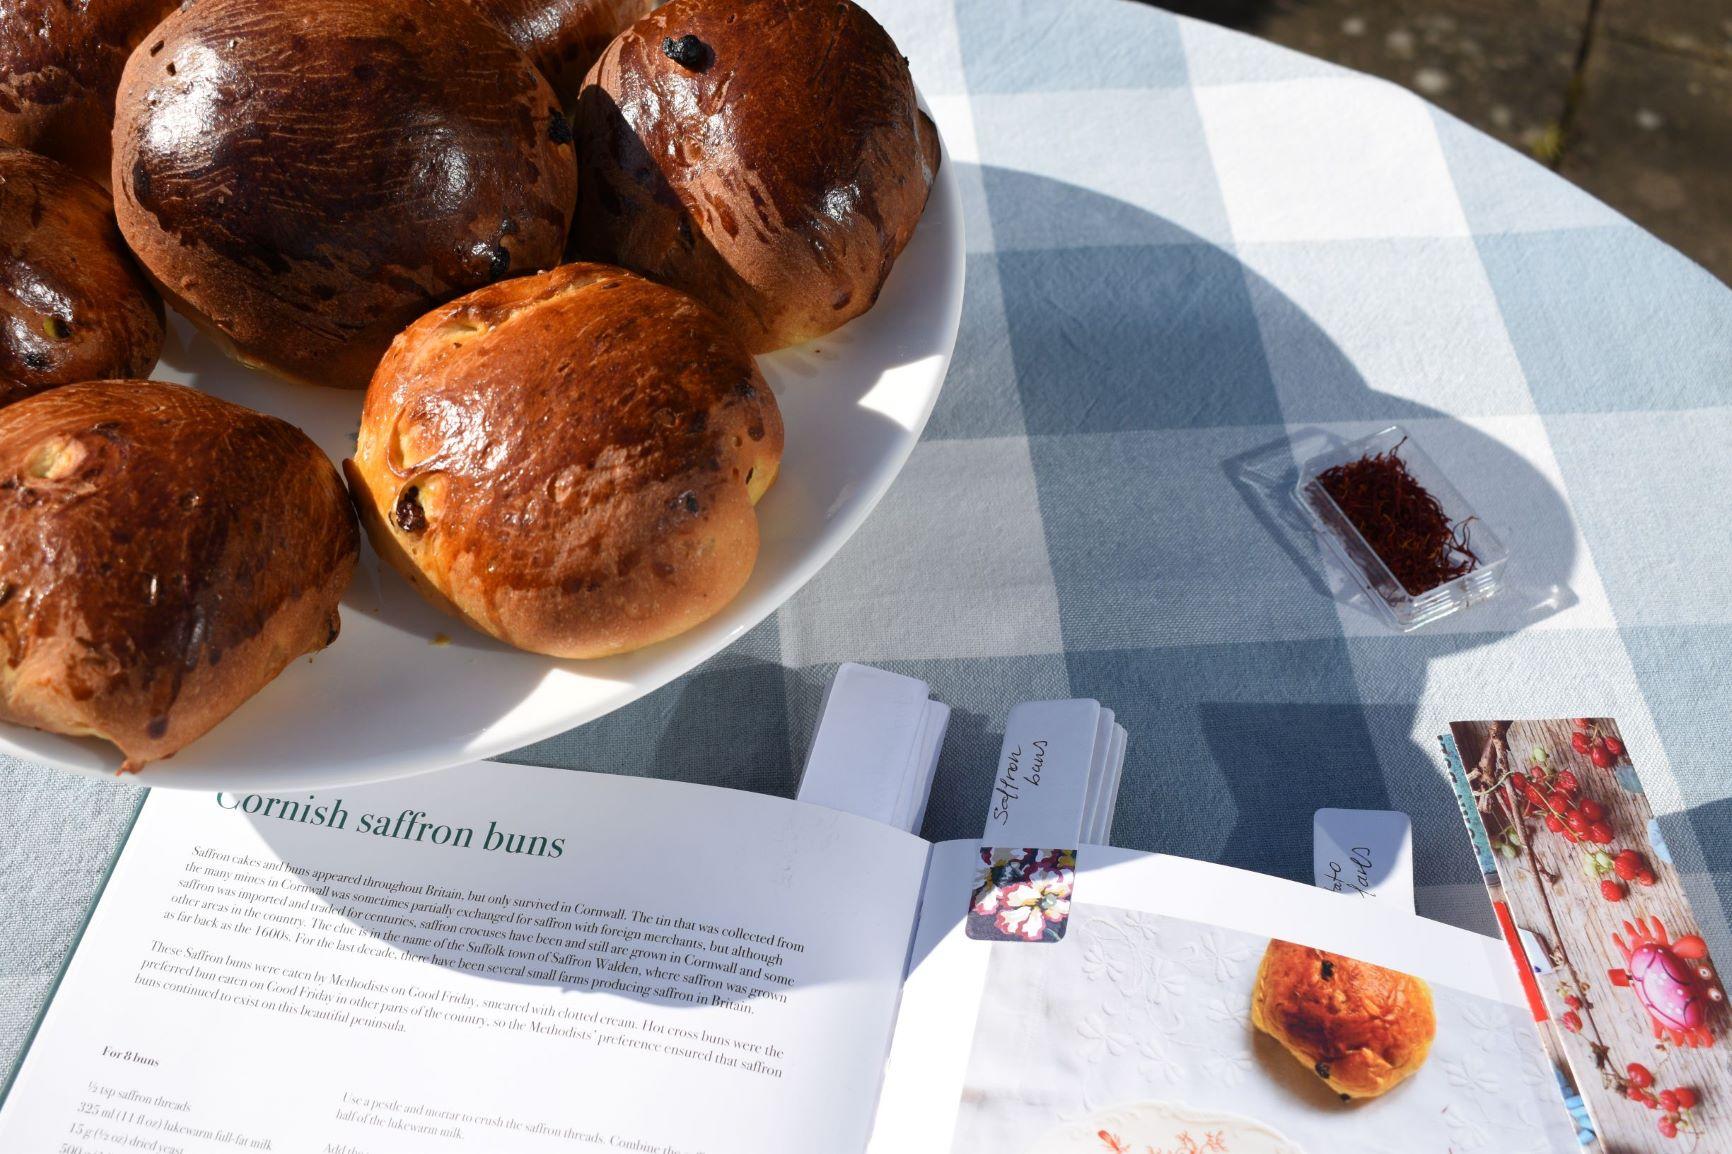 Cornish-saffron-buns | Spanish culinary translator